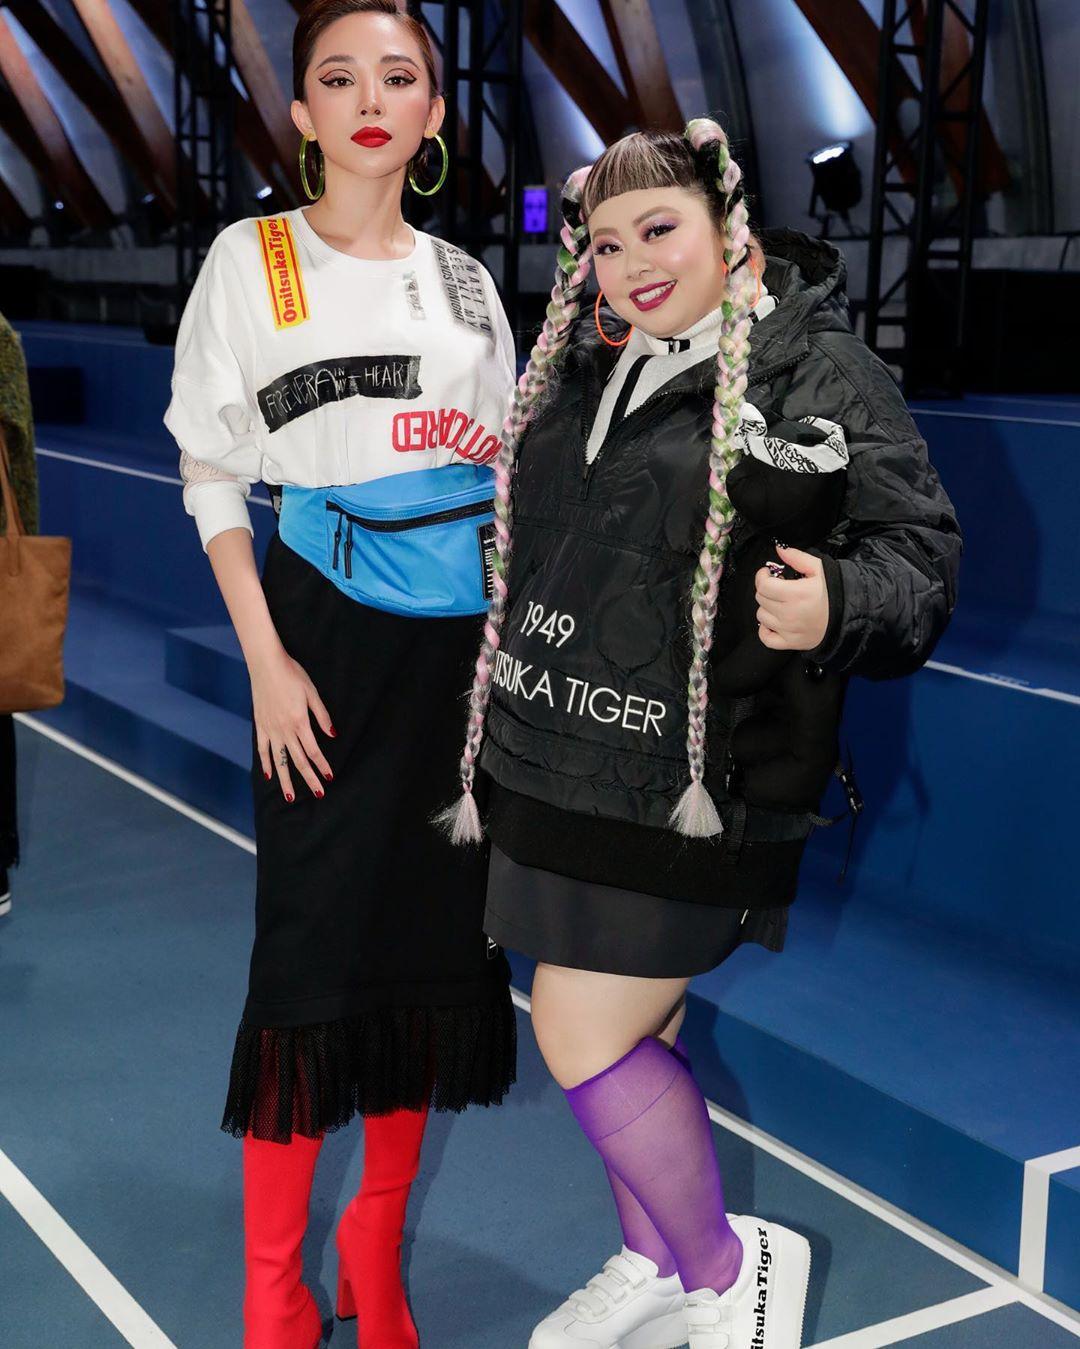 Tóc Tiên kết hợp chân váy bút chì với các món đồ thời trang đậm chất đường phố